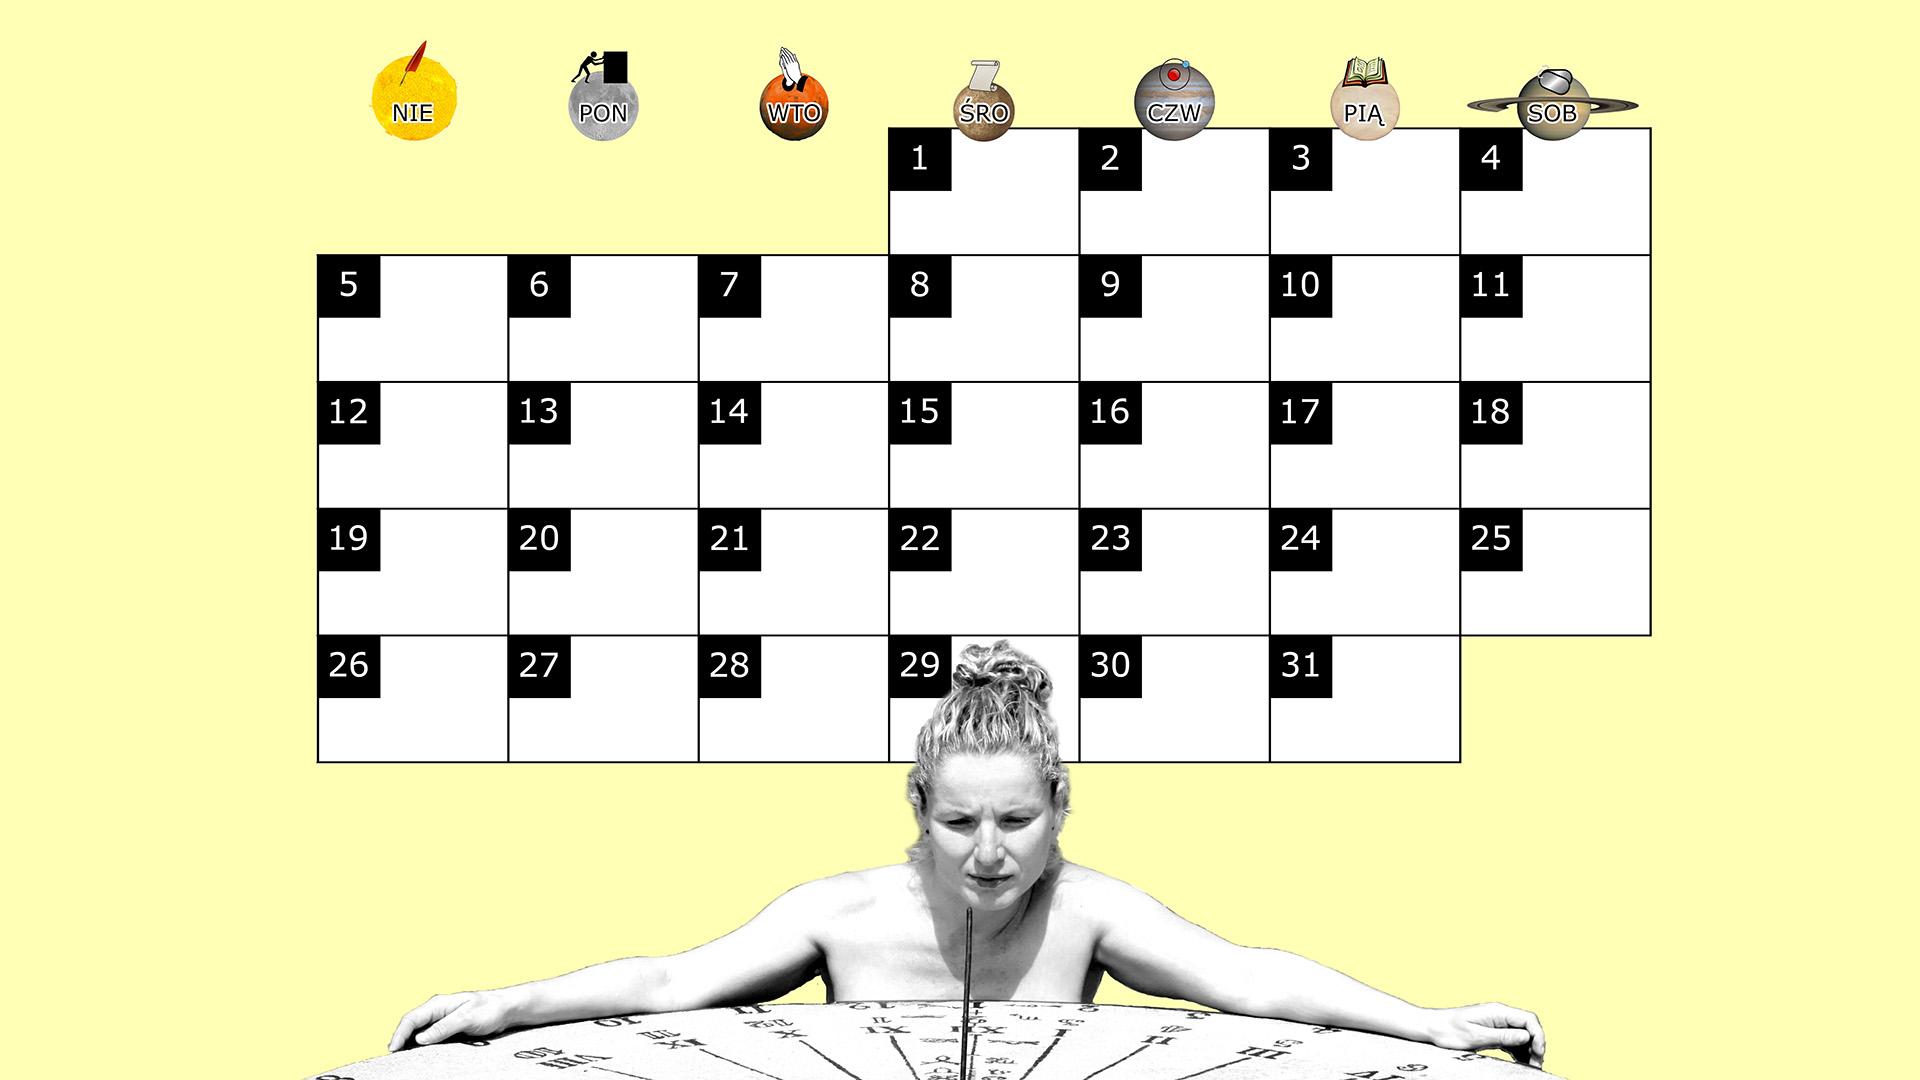 Miesięczny kalendarz na pulpit na październik 2014 na żółtym tle